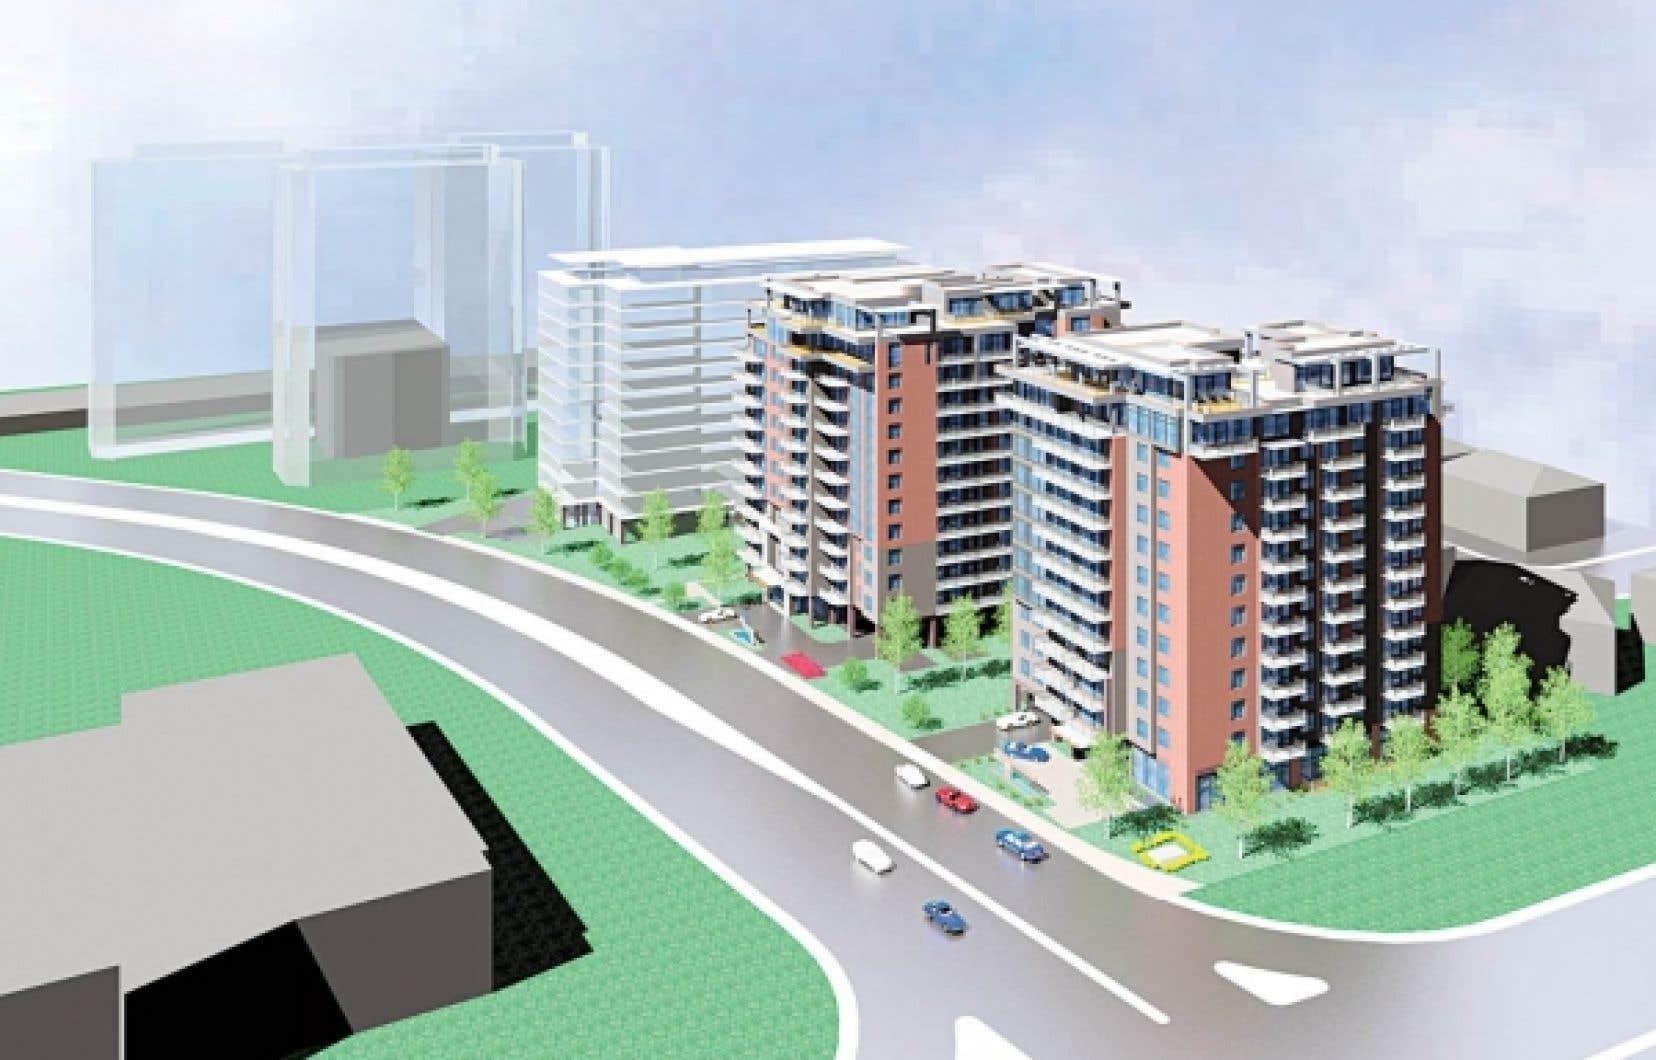 <div> C'est une petite ville d'un millier d'habitants et de 365 logements qui fera son apparition dans le secteur du parc Angrignon, dans l'arrondissement LaSalle.</div>